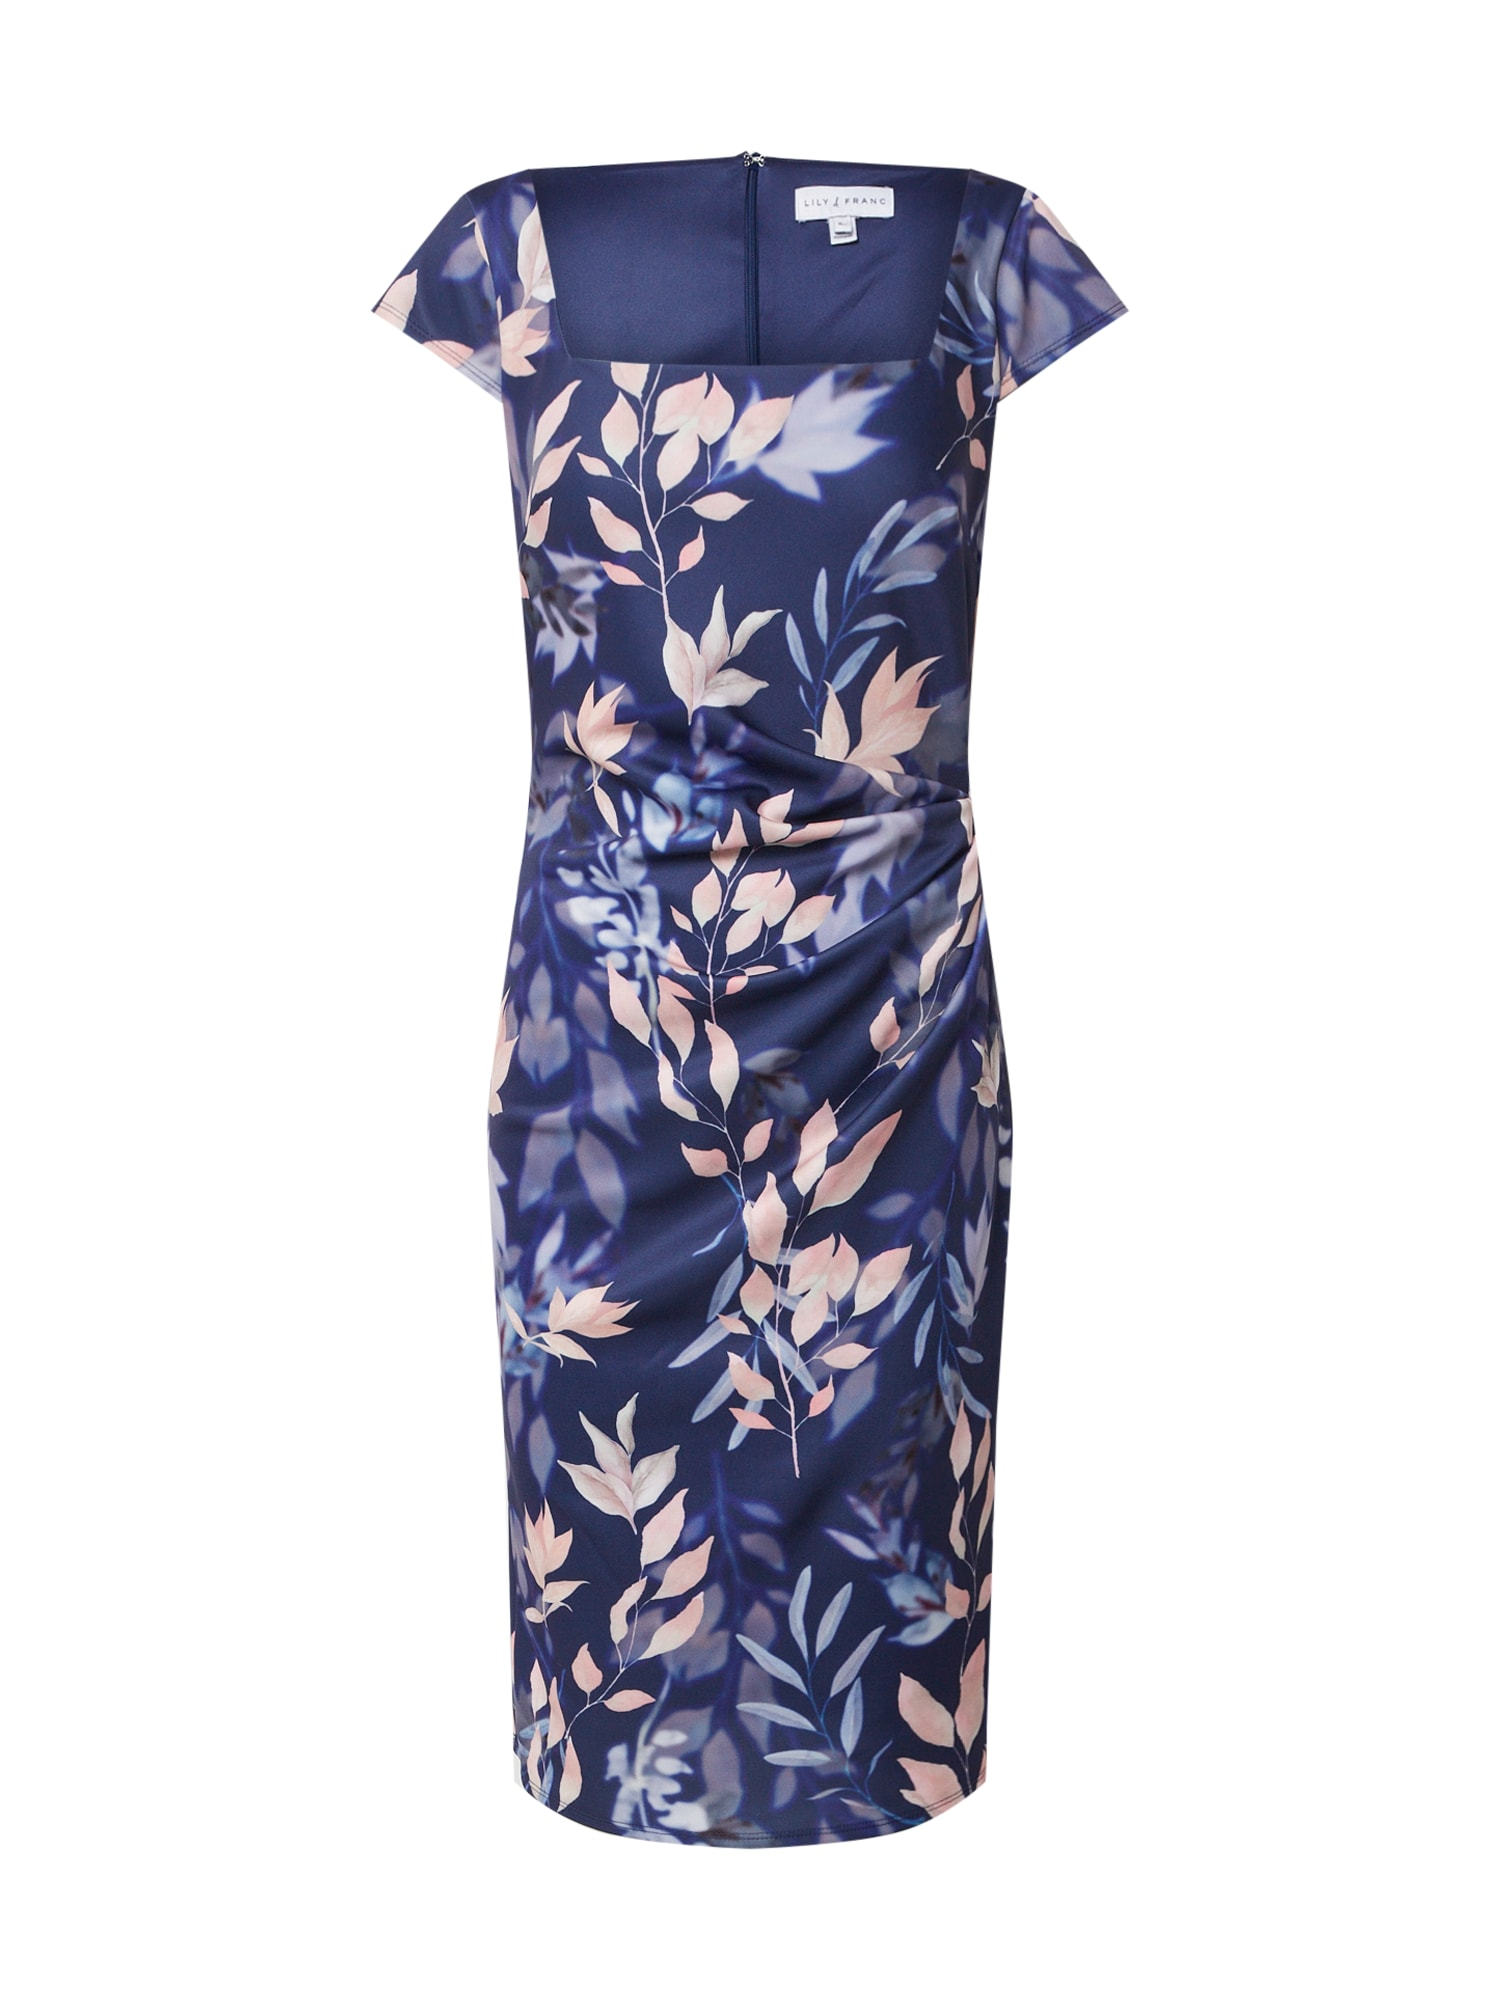 Dorothy Perkins Šaty 'LILLIE AND FRANK NAVY FLORAL SQUARE NECK DRESS'  zmiešané farby / námornícka modrá